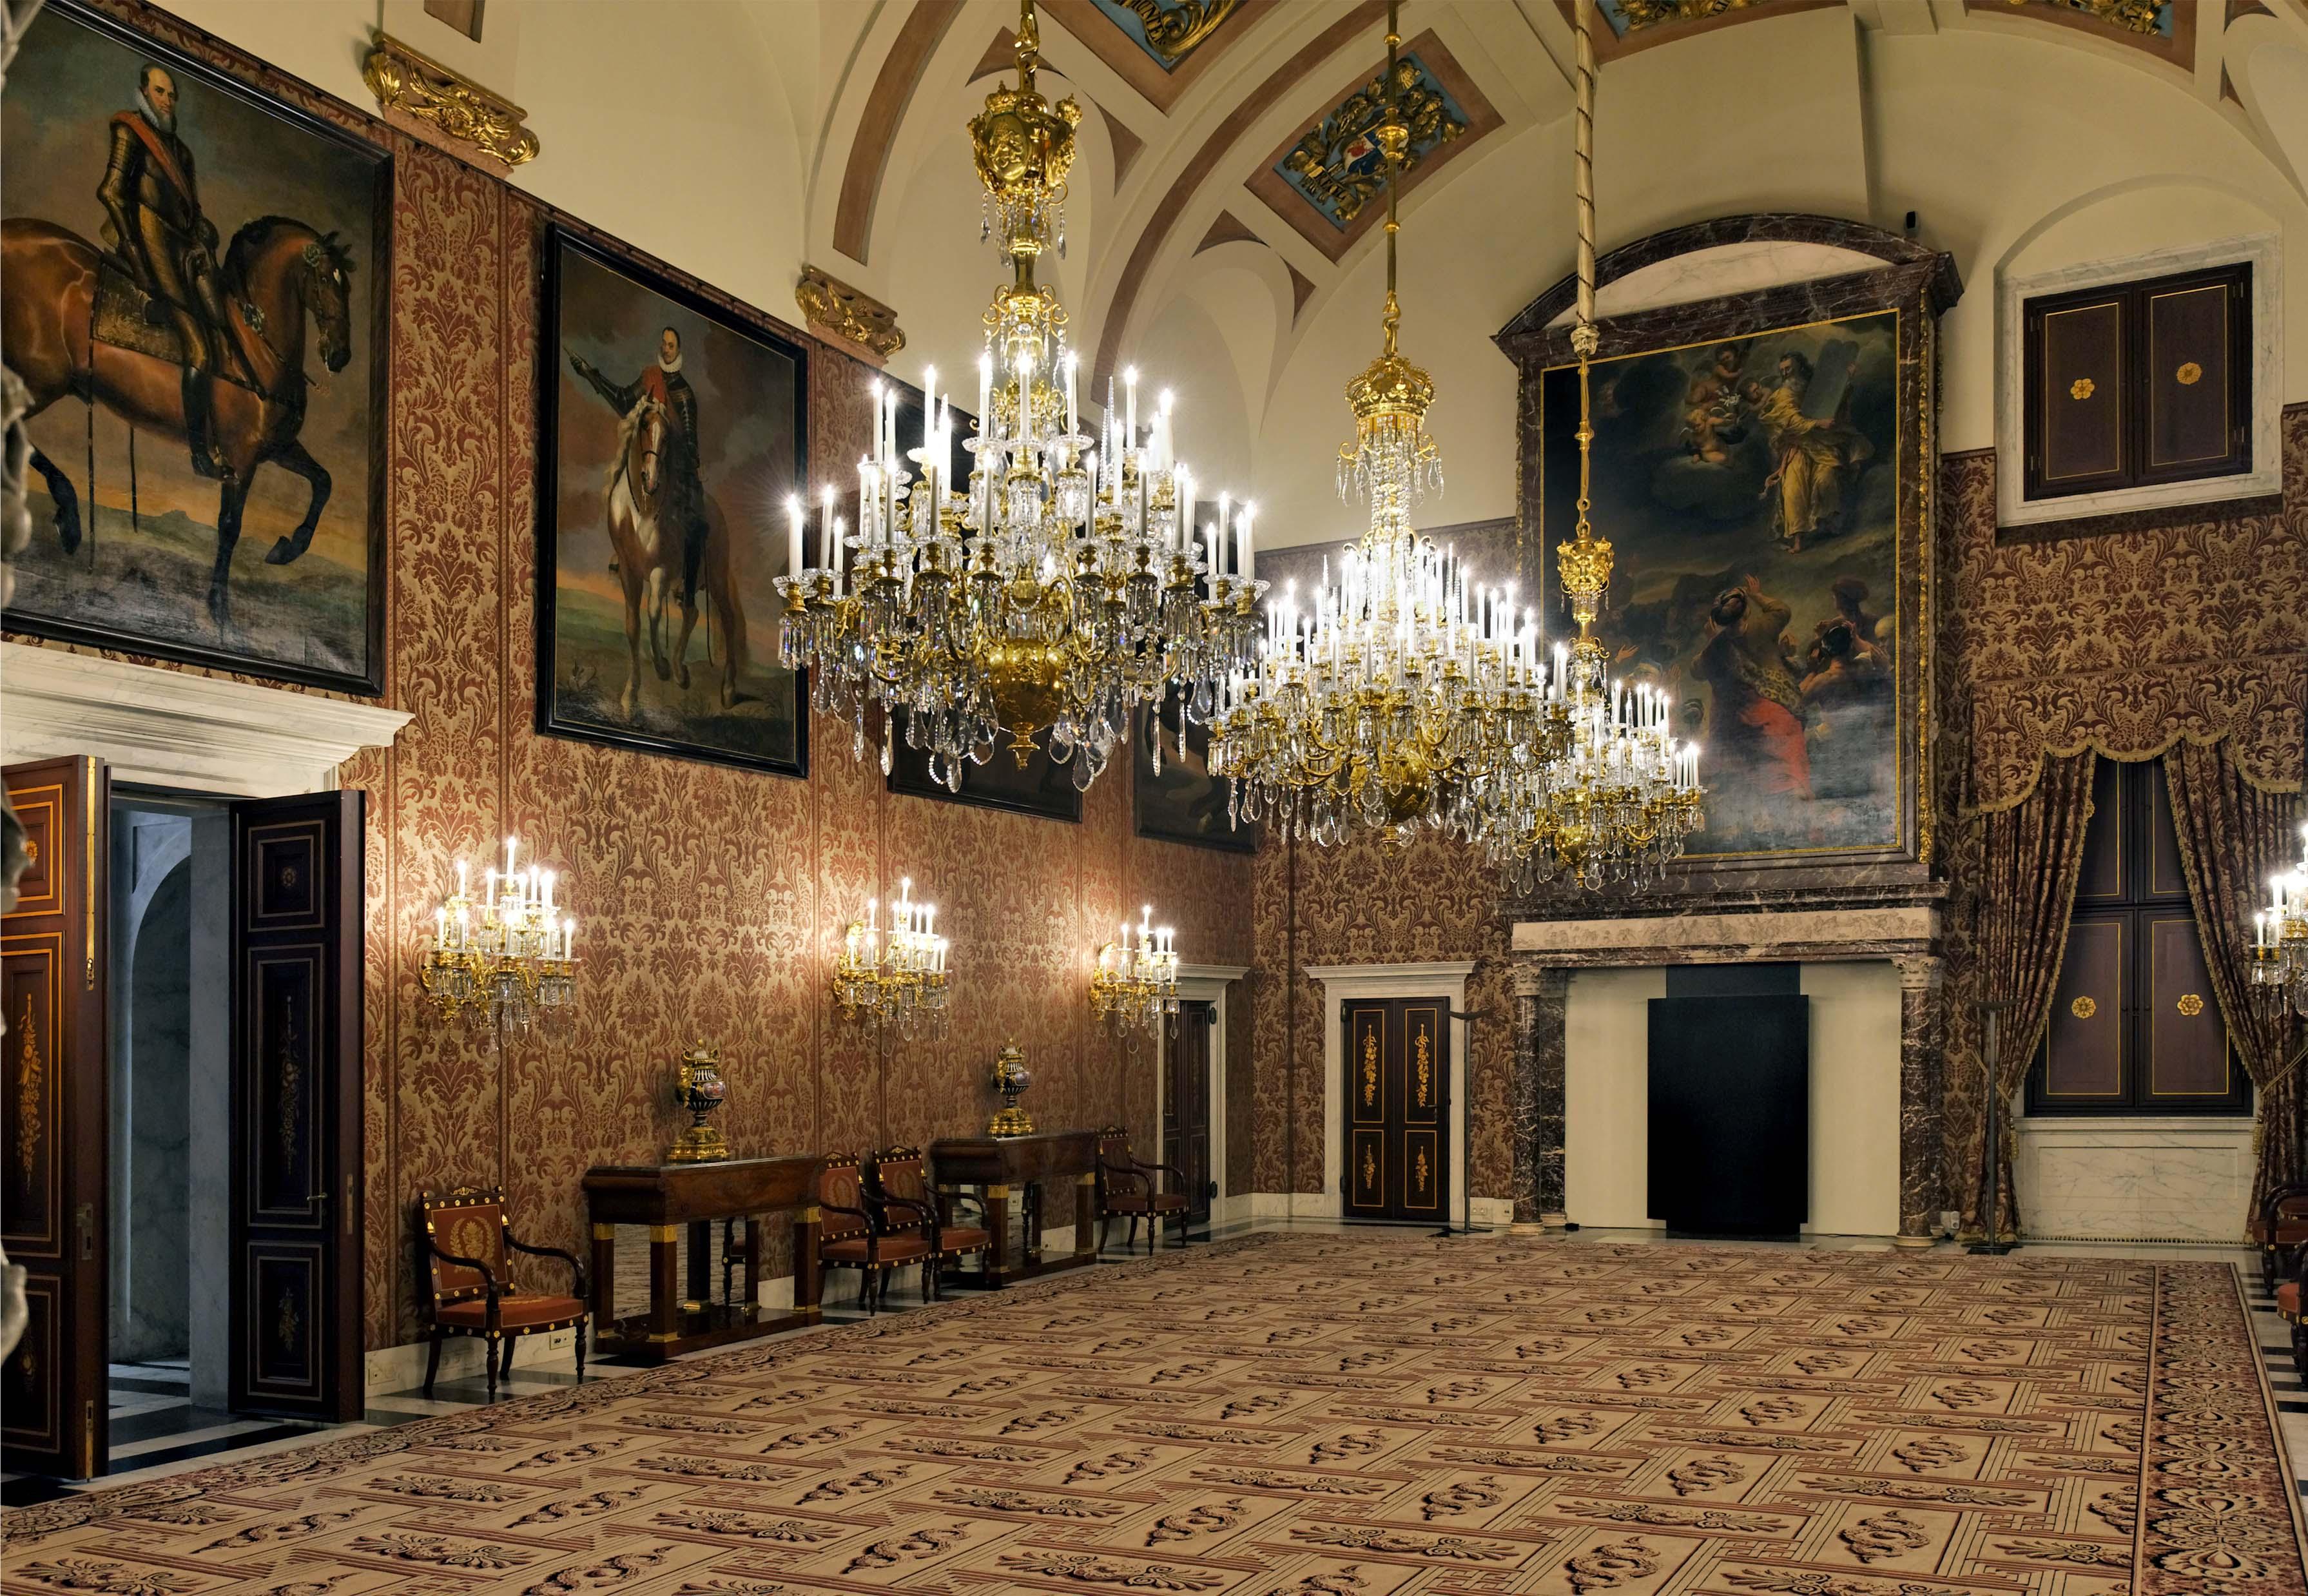 palazzo reale amsterdam cose che non sapevi su google maps